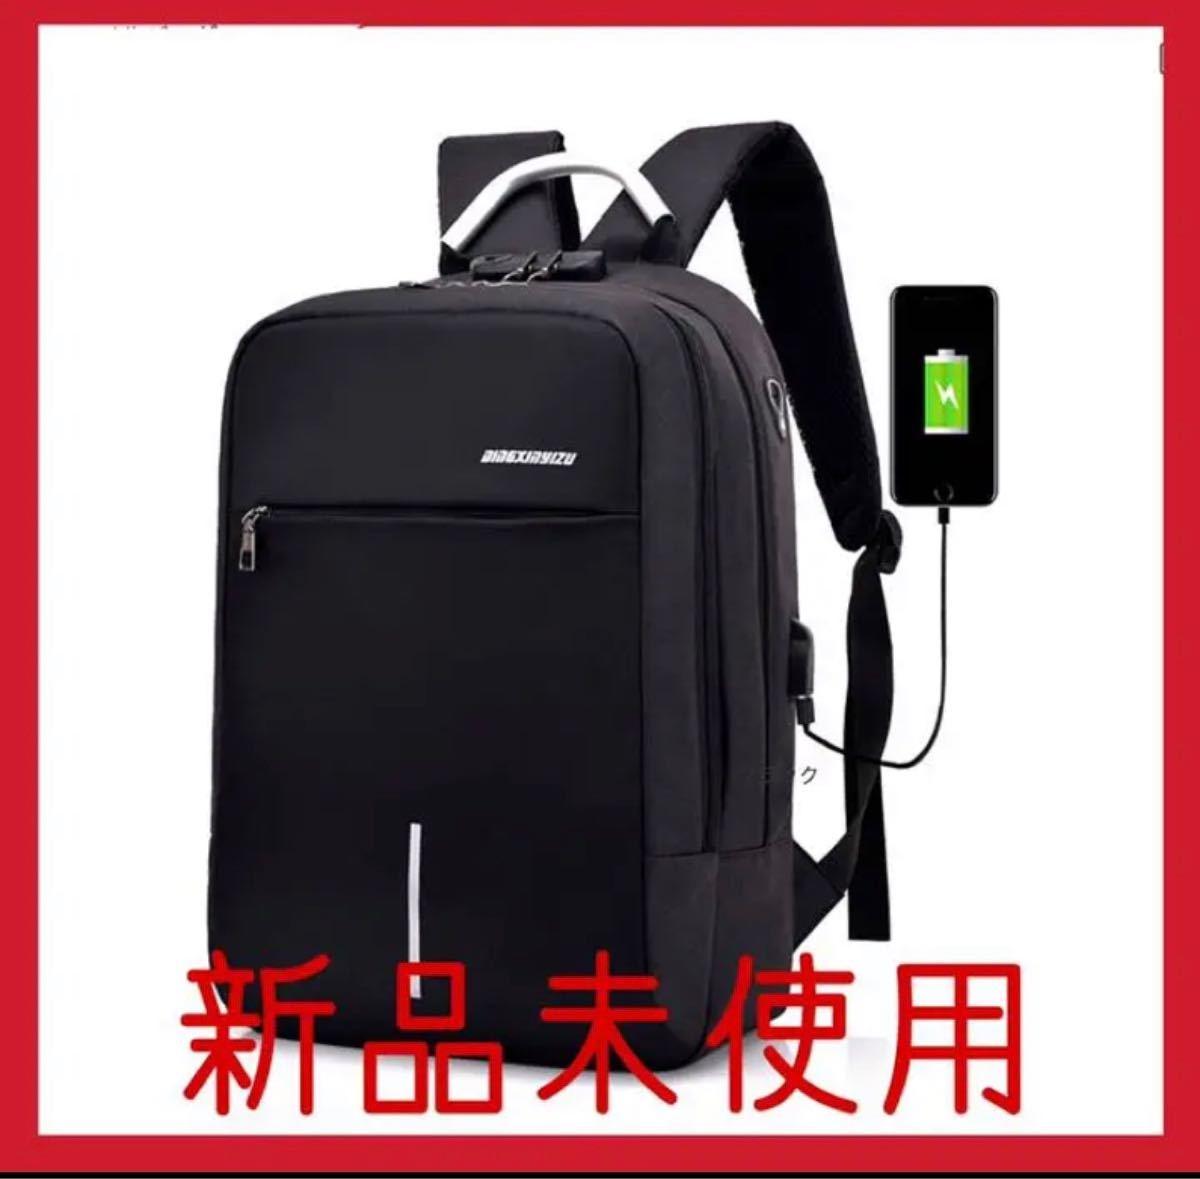 ビジネスリュック 大容量 ビジネスバックパック パスワードロック 通勤 スマホ 充電  USBポート  PCバッグ  ブラック